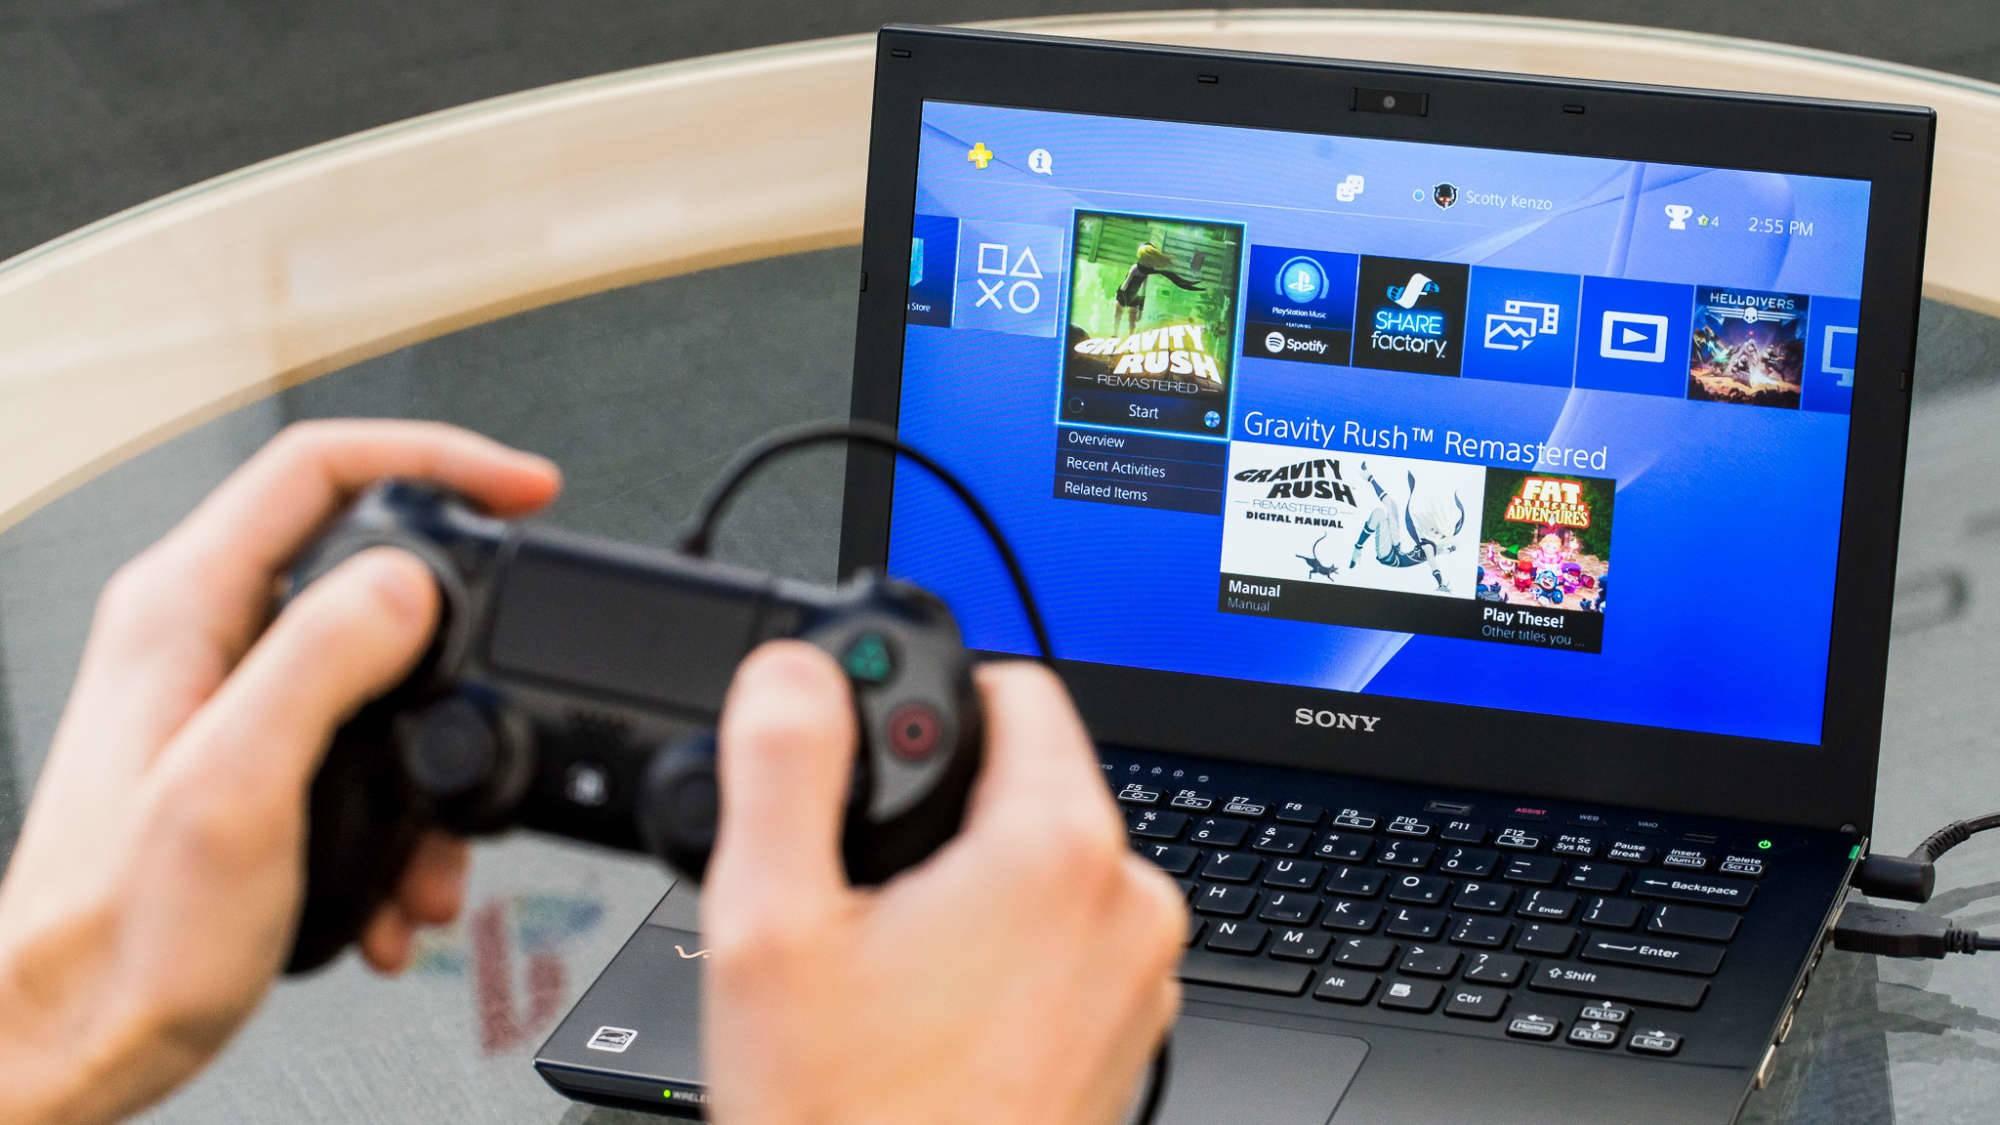 Huong-dan-kiem-tra-laptop-gaming-cu-truoc-khi-mua 4